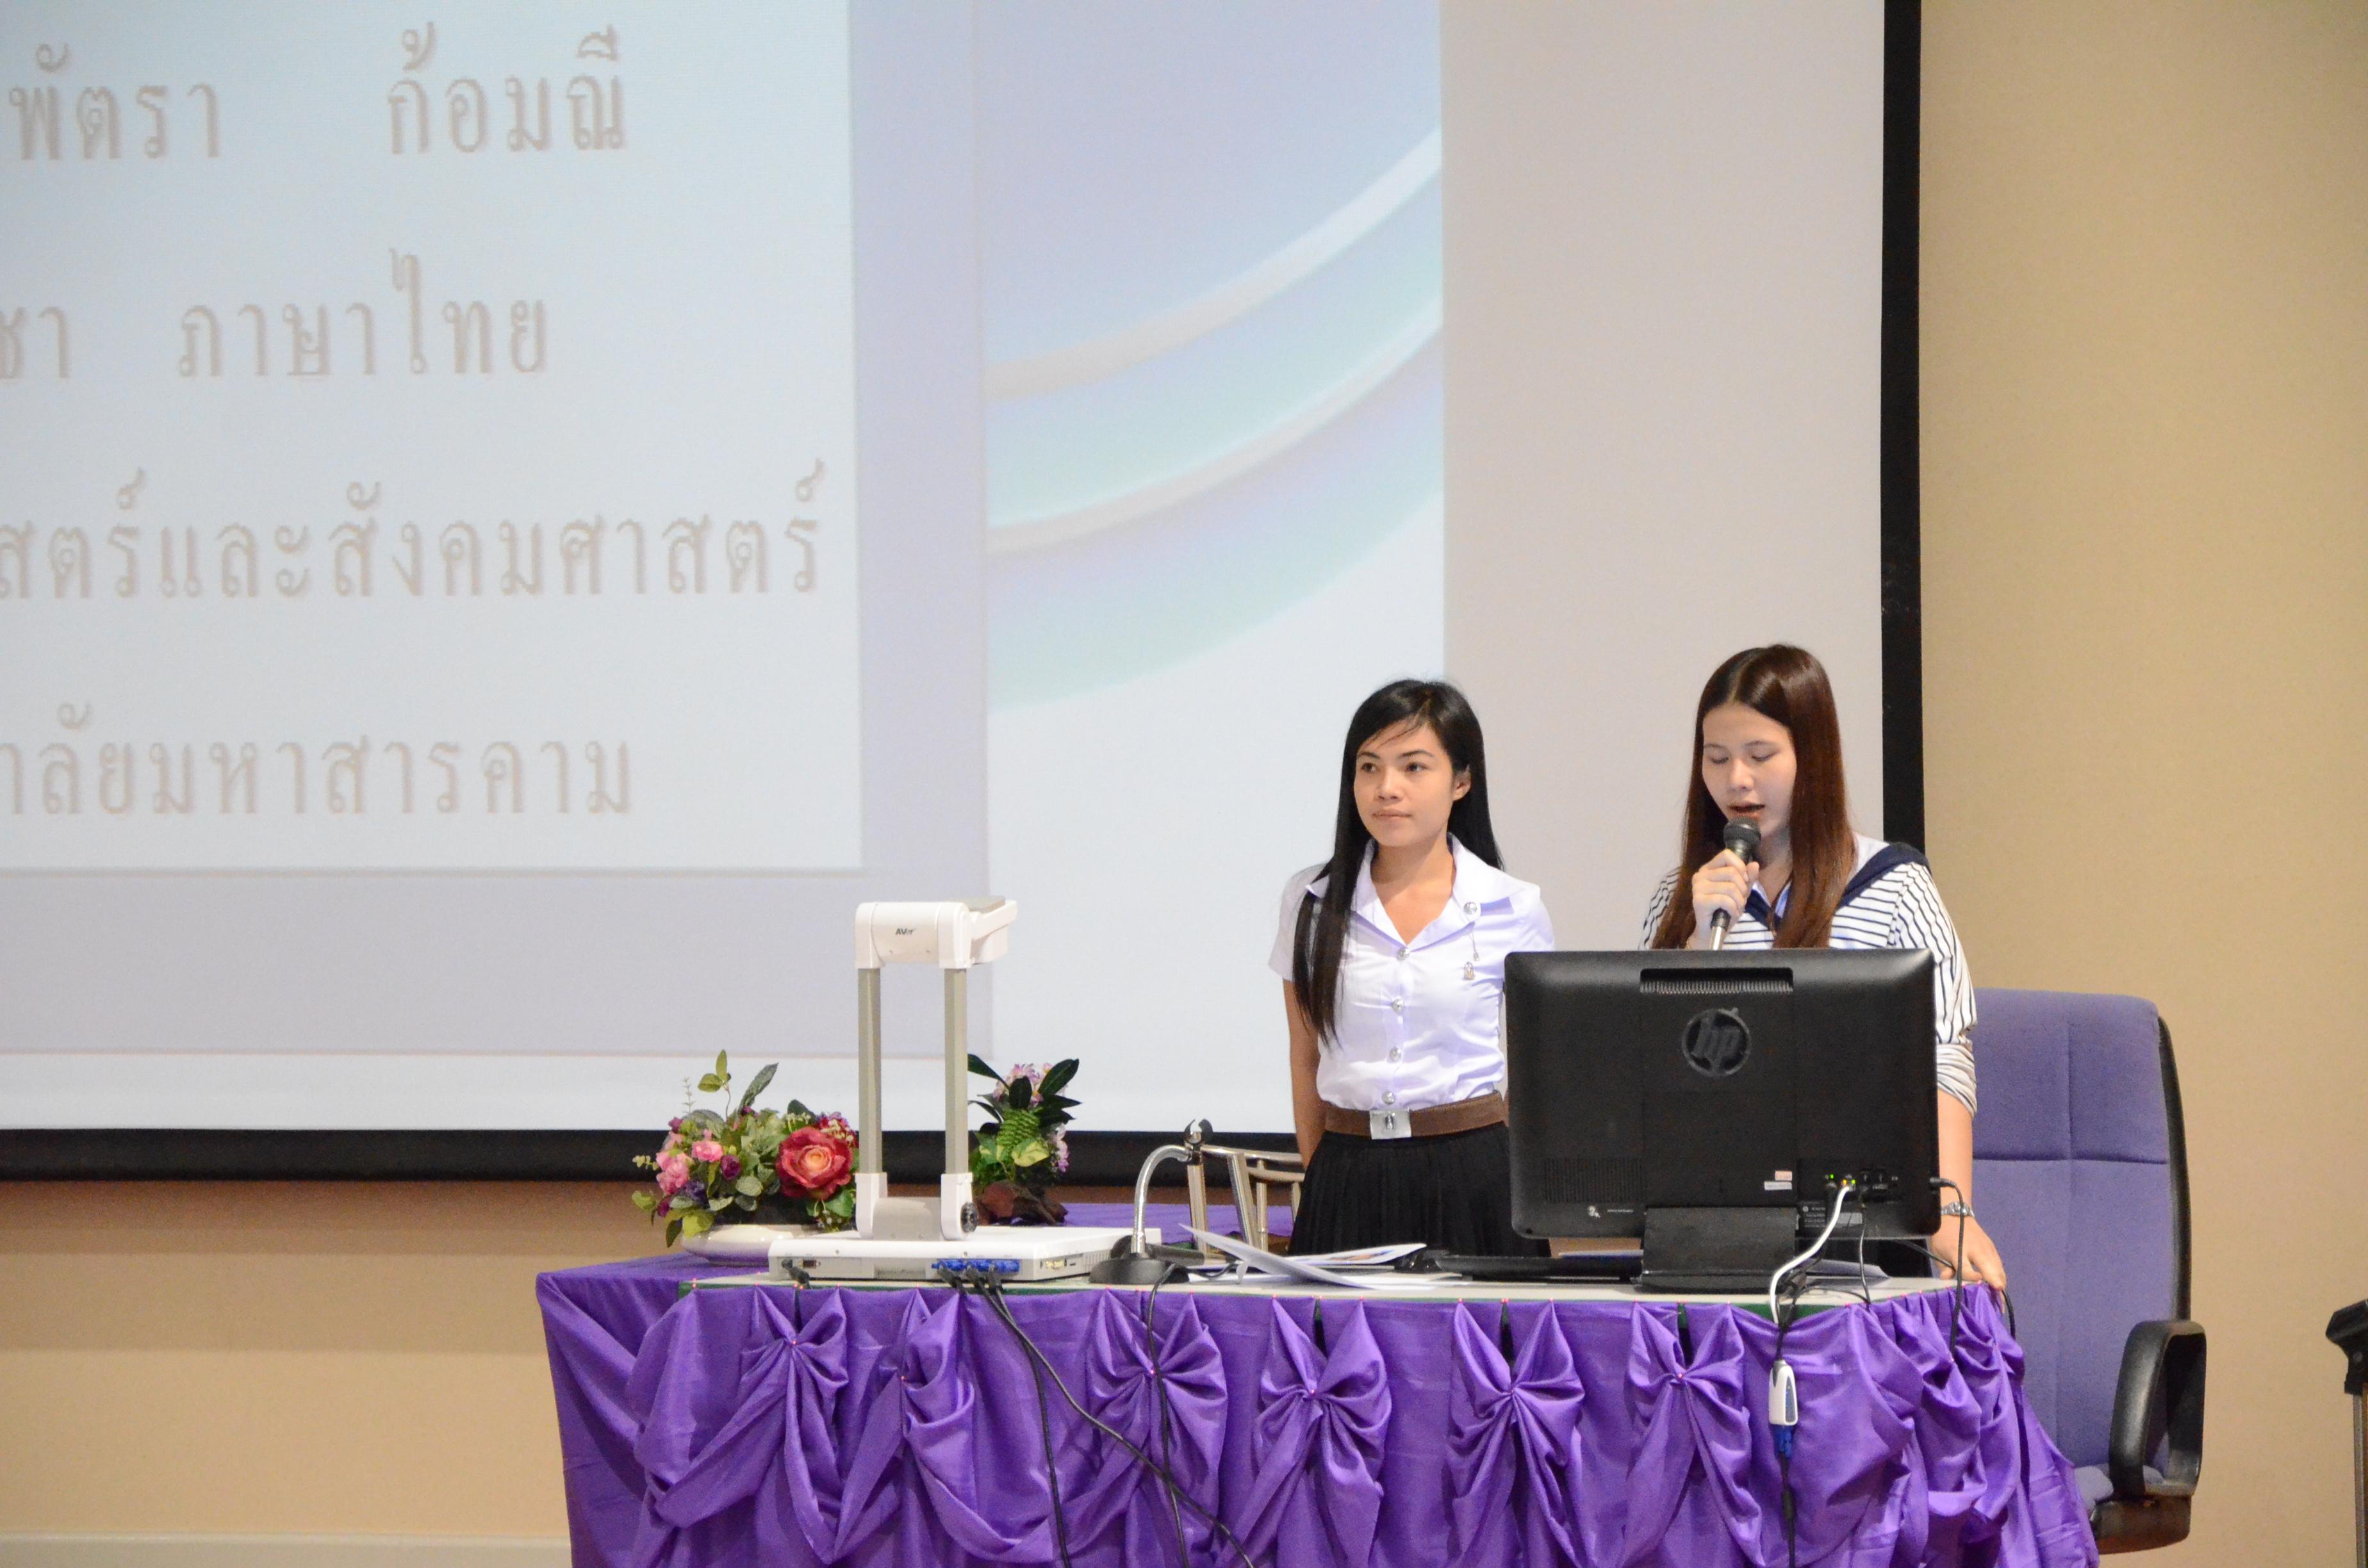 งานปัจฉิมนิเทศและแสดงผลงานสหกิจศึกษา รุ่นที่ 26 นิสิตสาขาวิชาภาษาไทยคณะมนุษยศาสตร์และสังคมศาสตร์